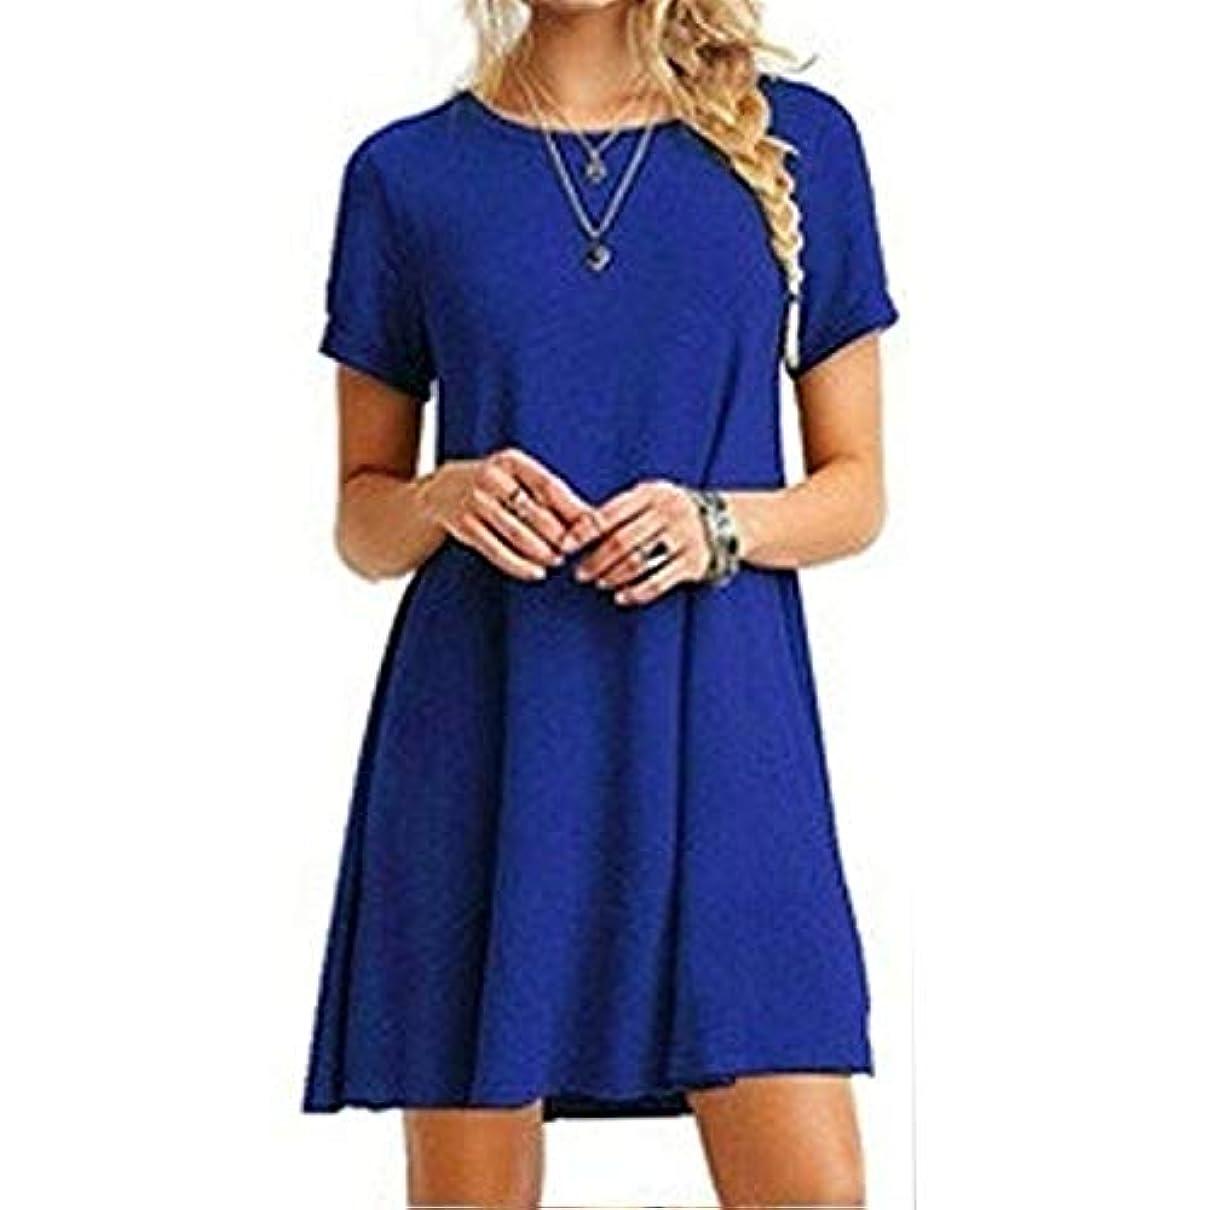 MIFAN女性のファッション、カジュアル、ドレス、シャツ、コットン、半袖、無地、ミニ、ビーチドレス、プラスサイズのドレス